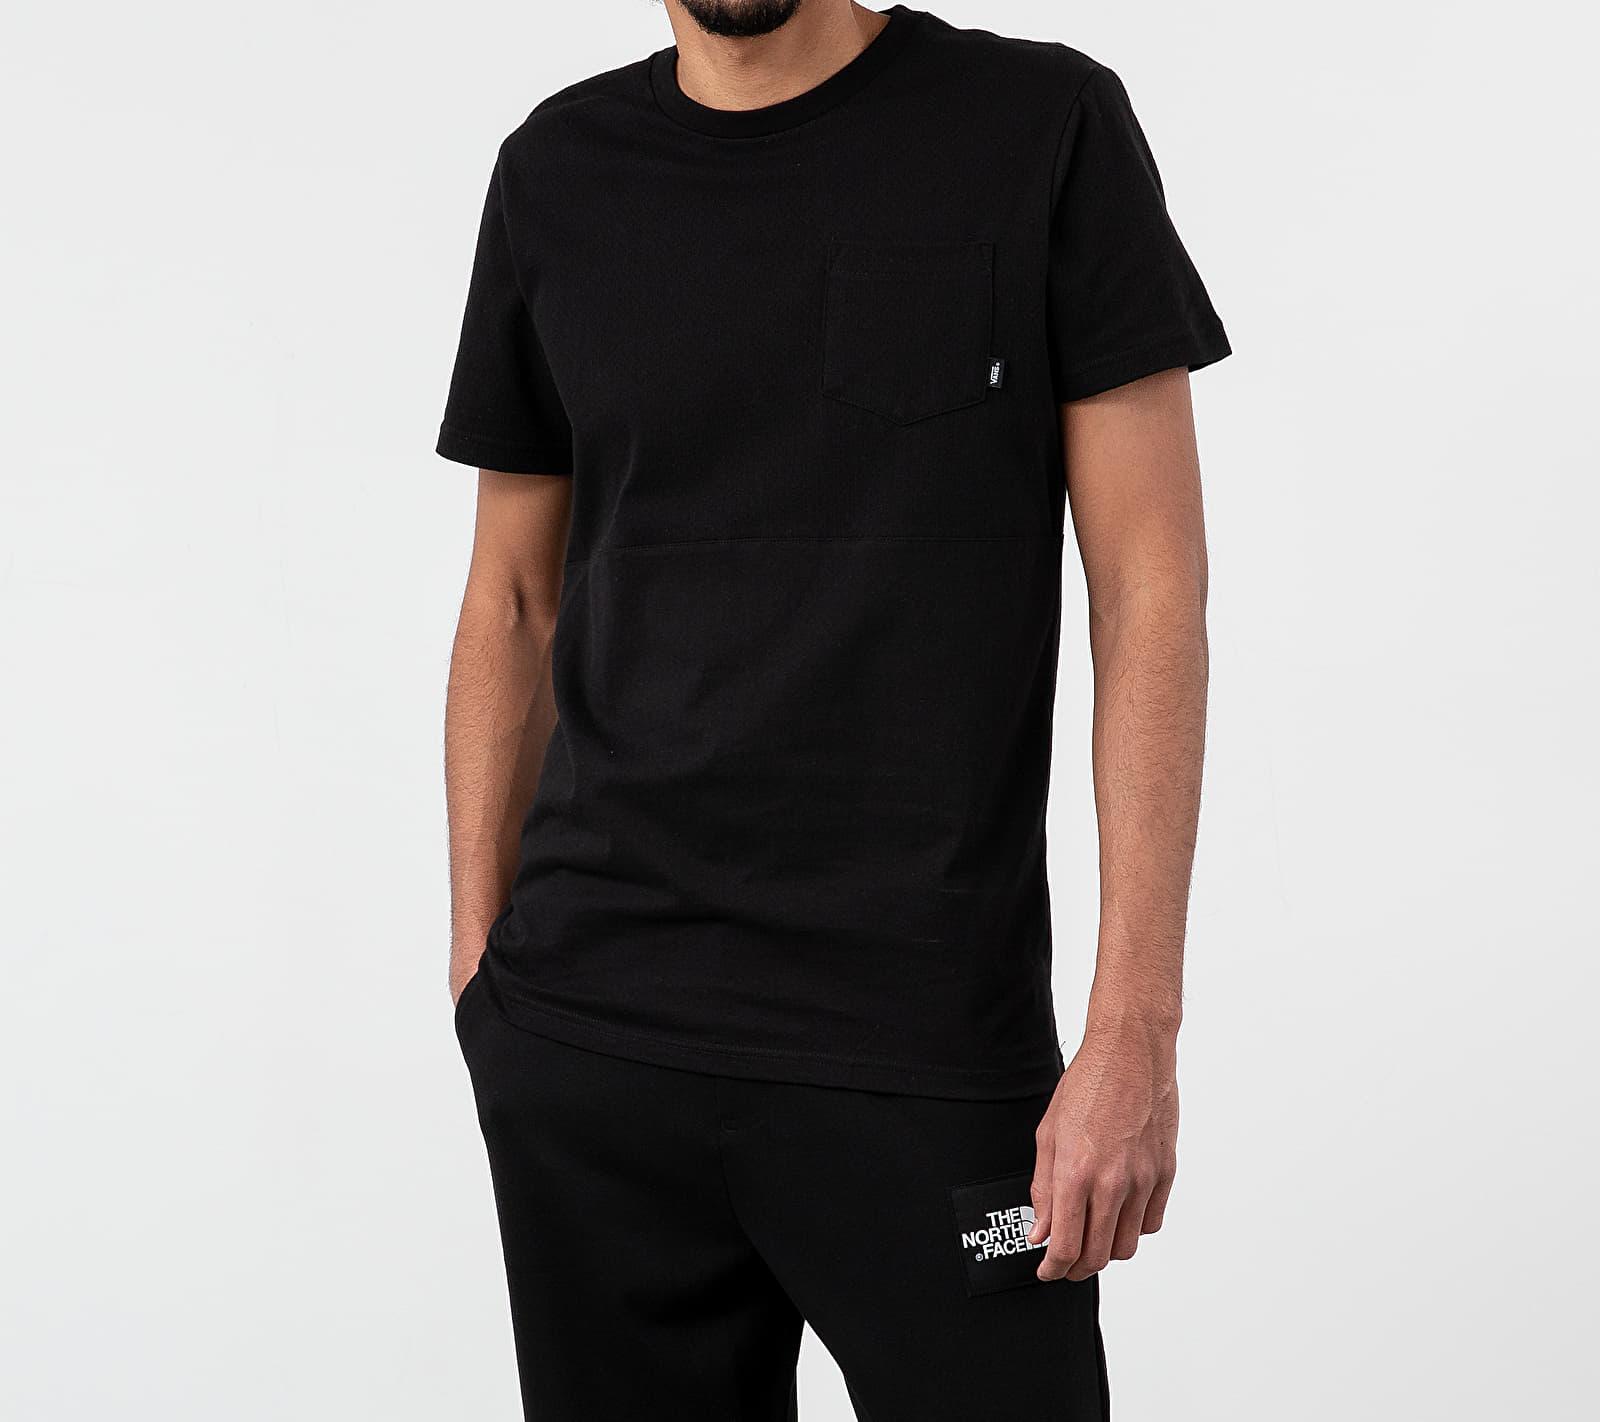 Vans 2K Knit Tee Black